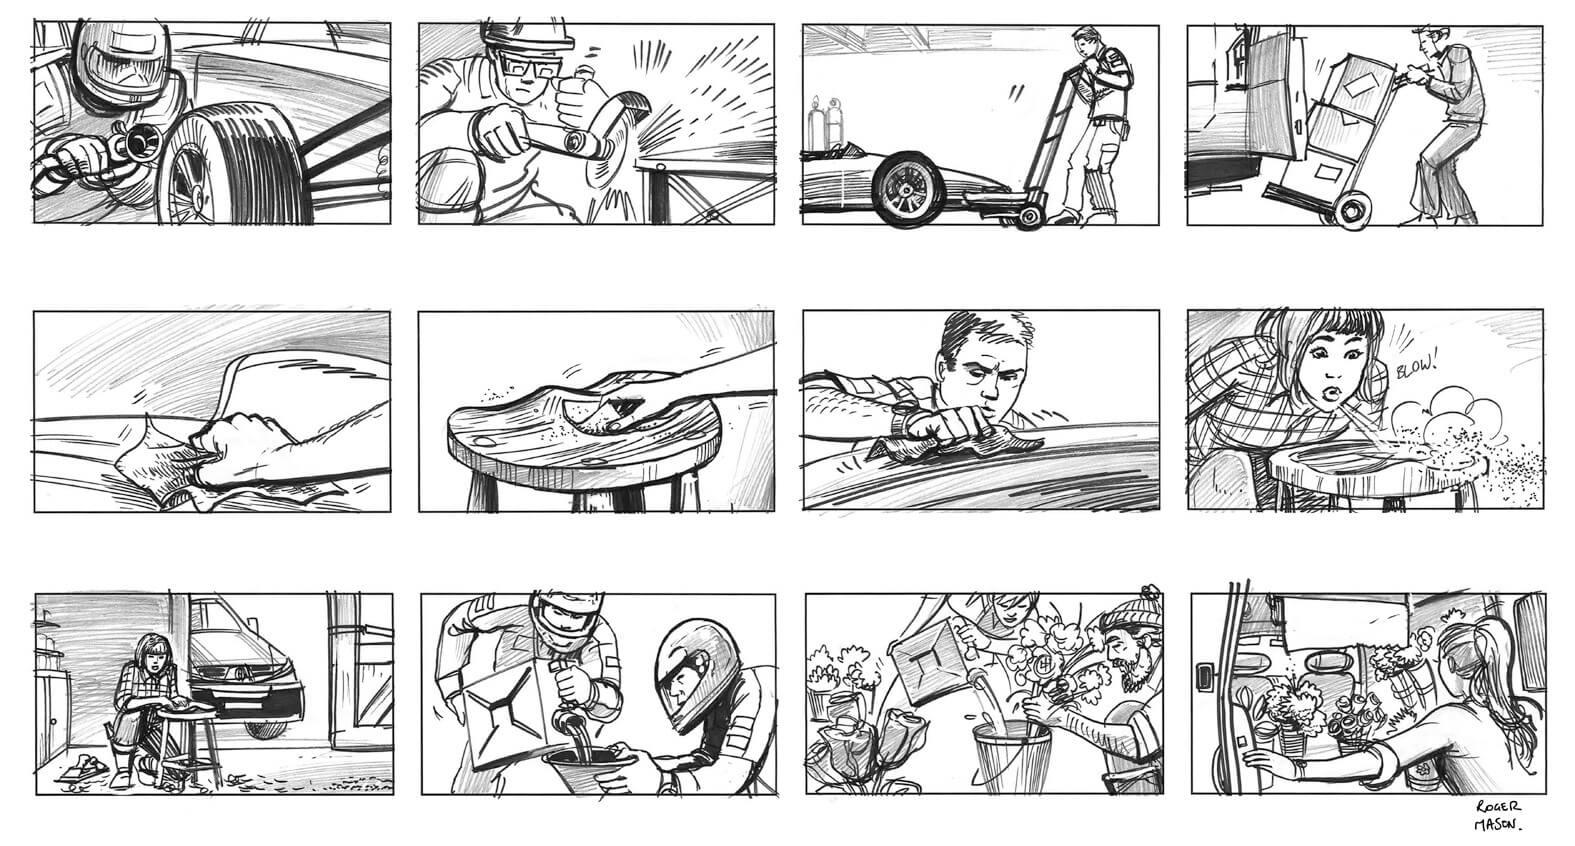 Panel de Animayo sobre storyboard